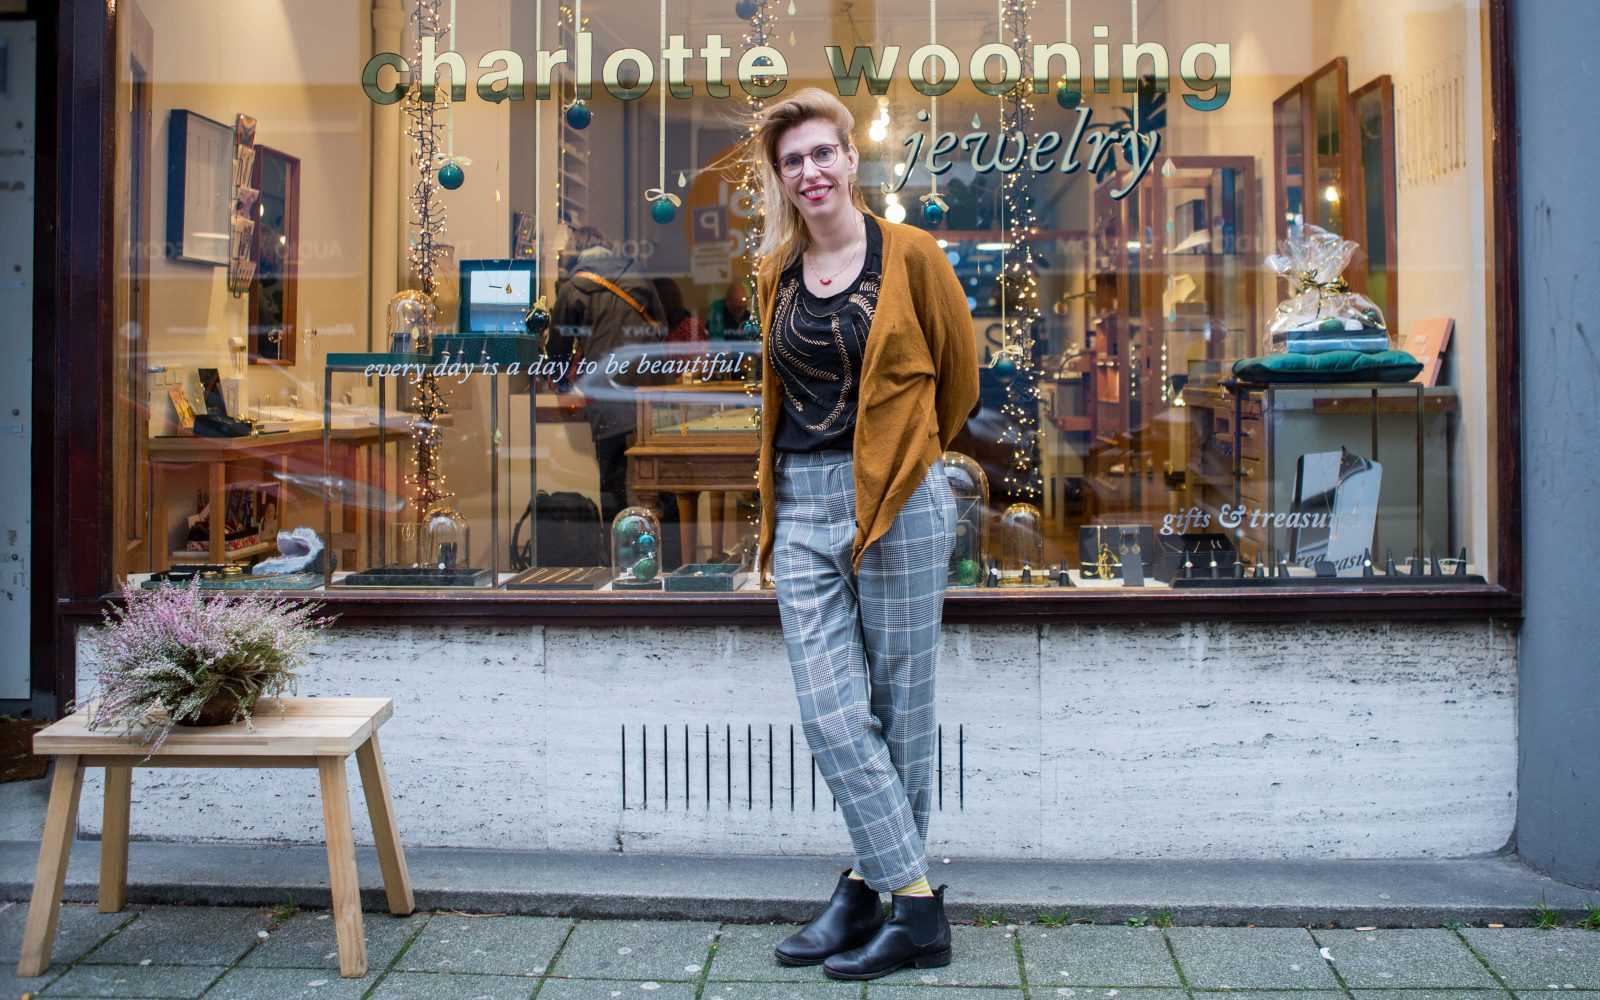 Charlotte Wooning in het Hoogkwartier